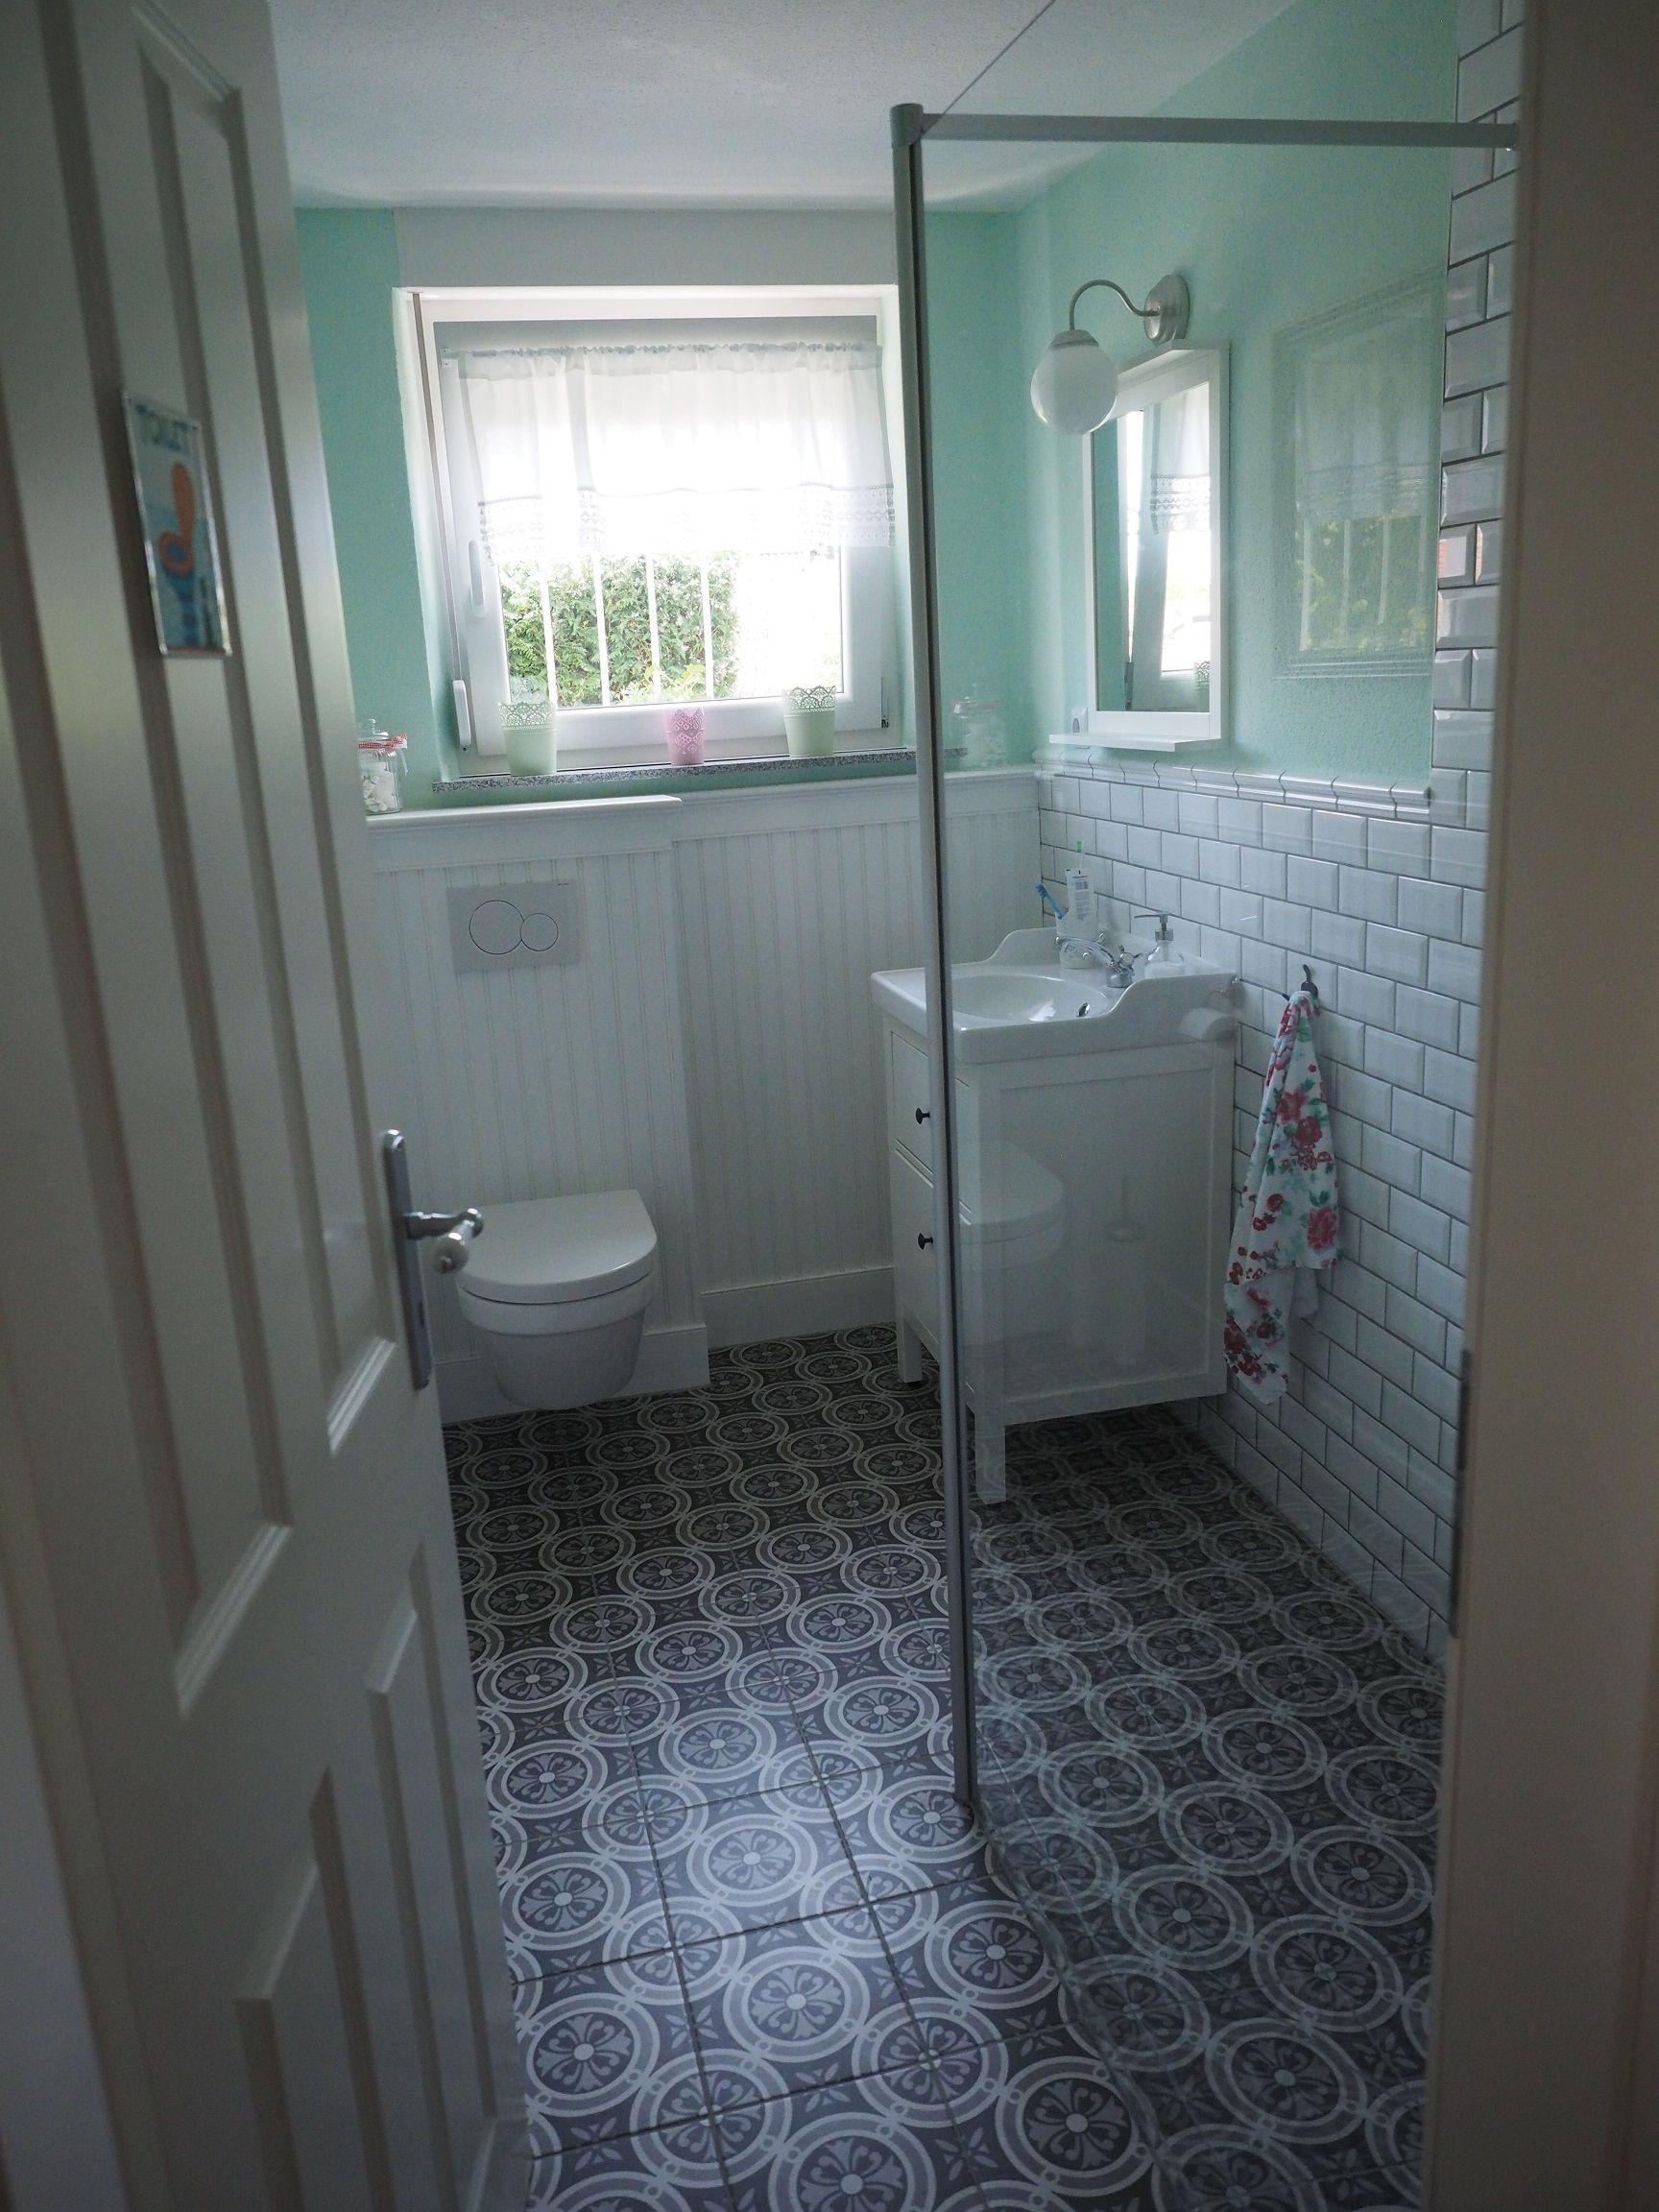 Kleine badkamer in Duitsland die mooi is ingedeeld | Badkamer ...